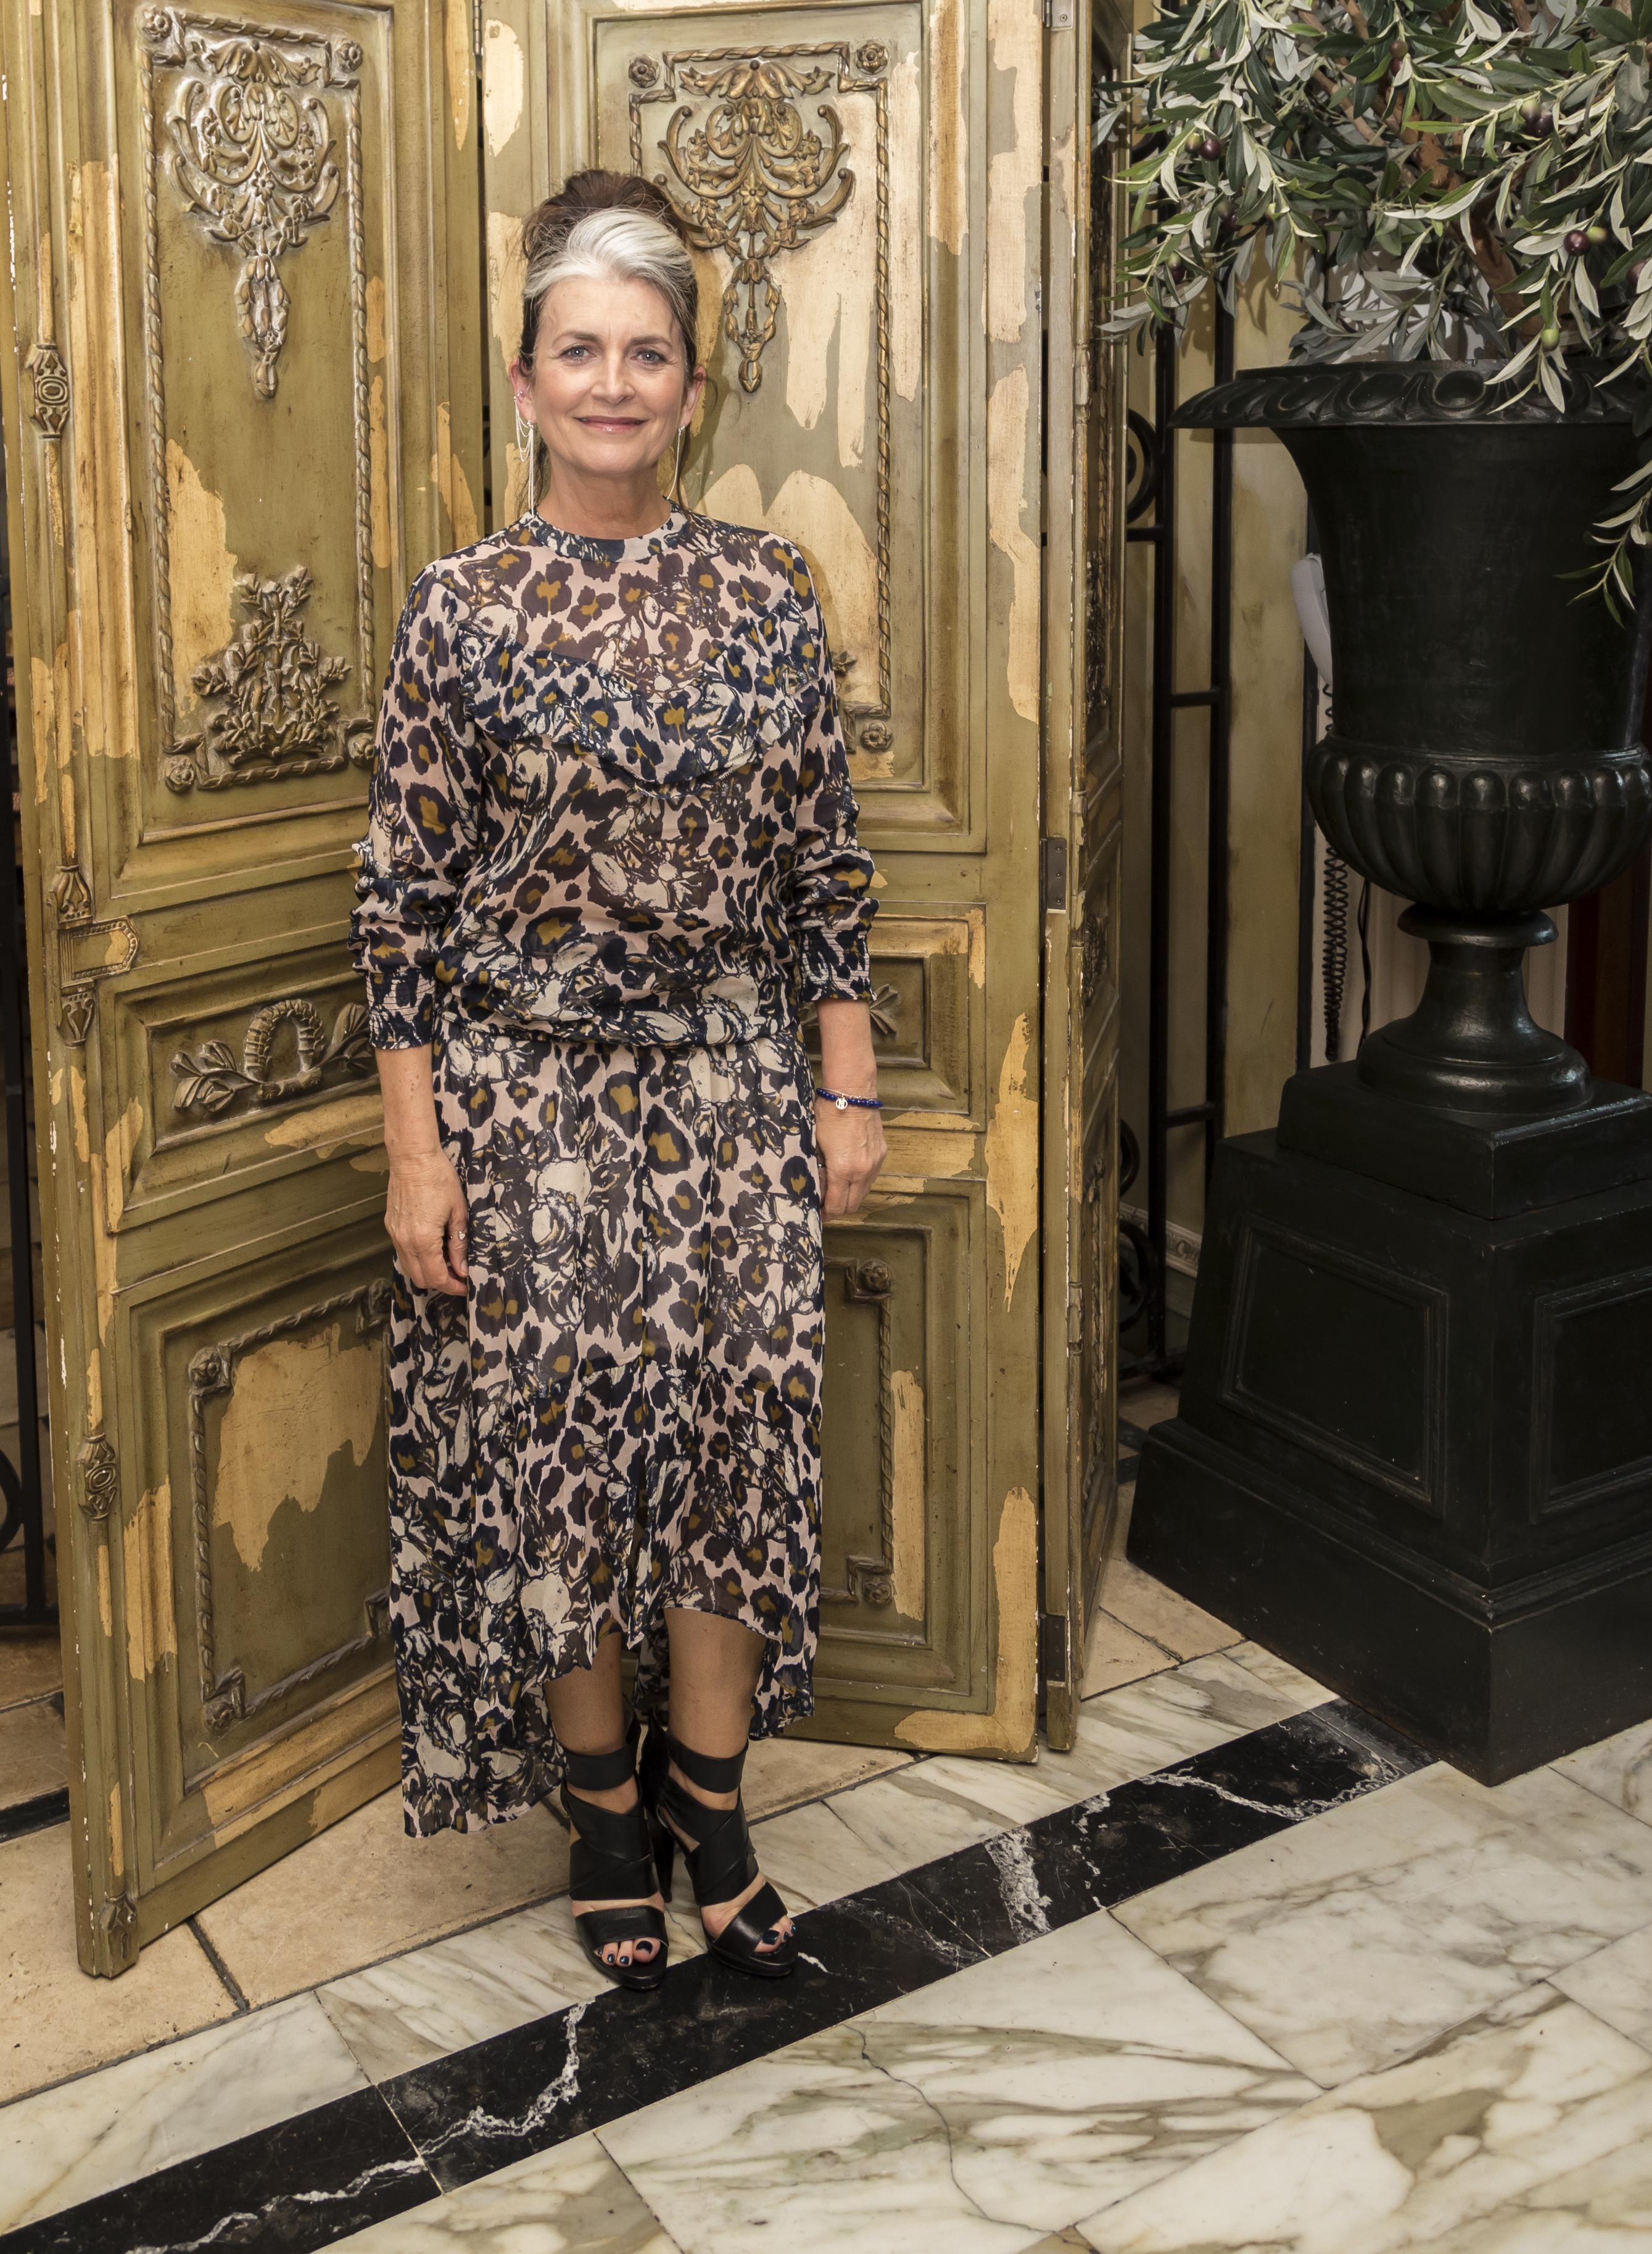 Kathy O Conner stylist, photographer